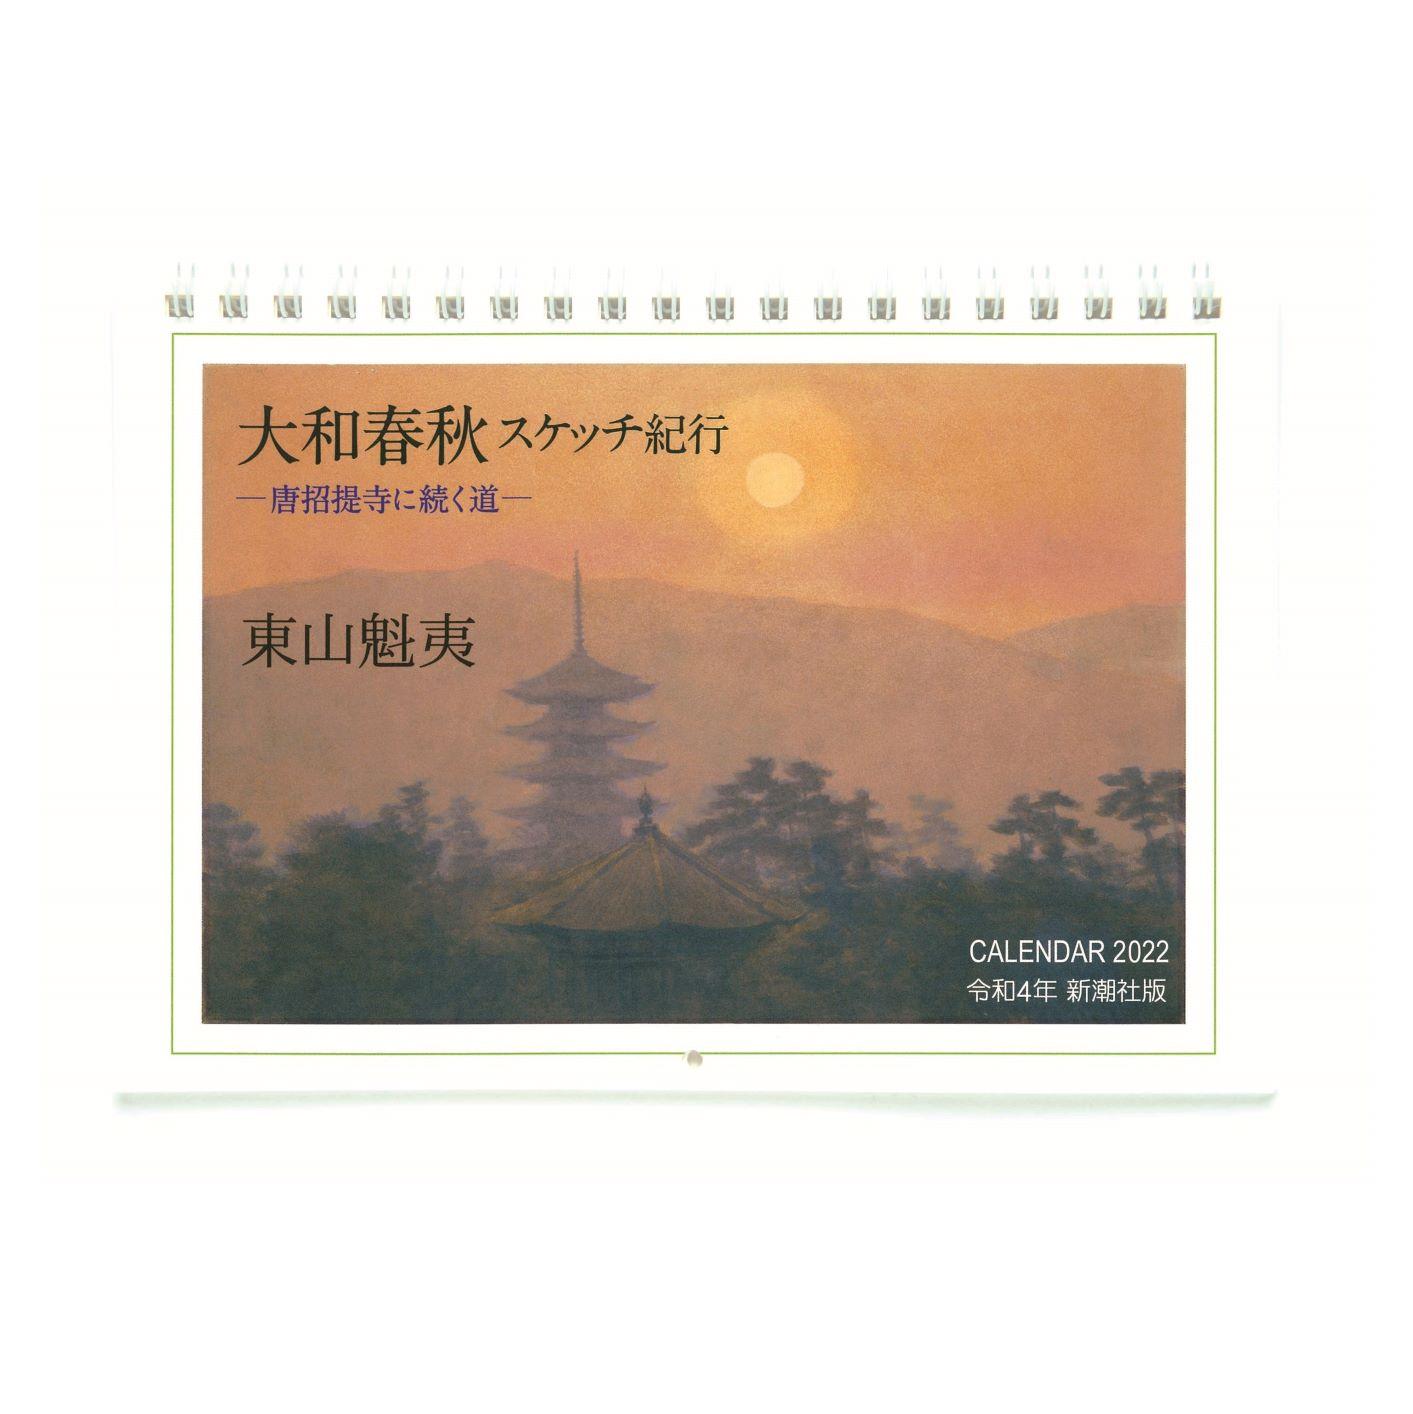 東山魁夷カレンダー2022 大和春秋 スケッチ紀行ー唐招提寺に続く道ー